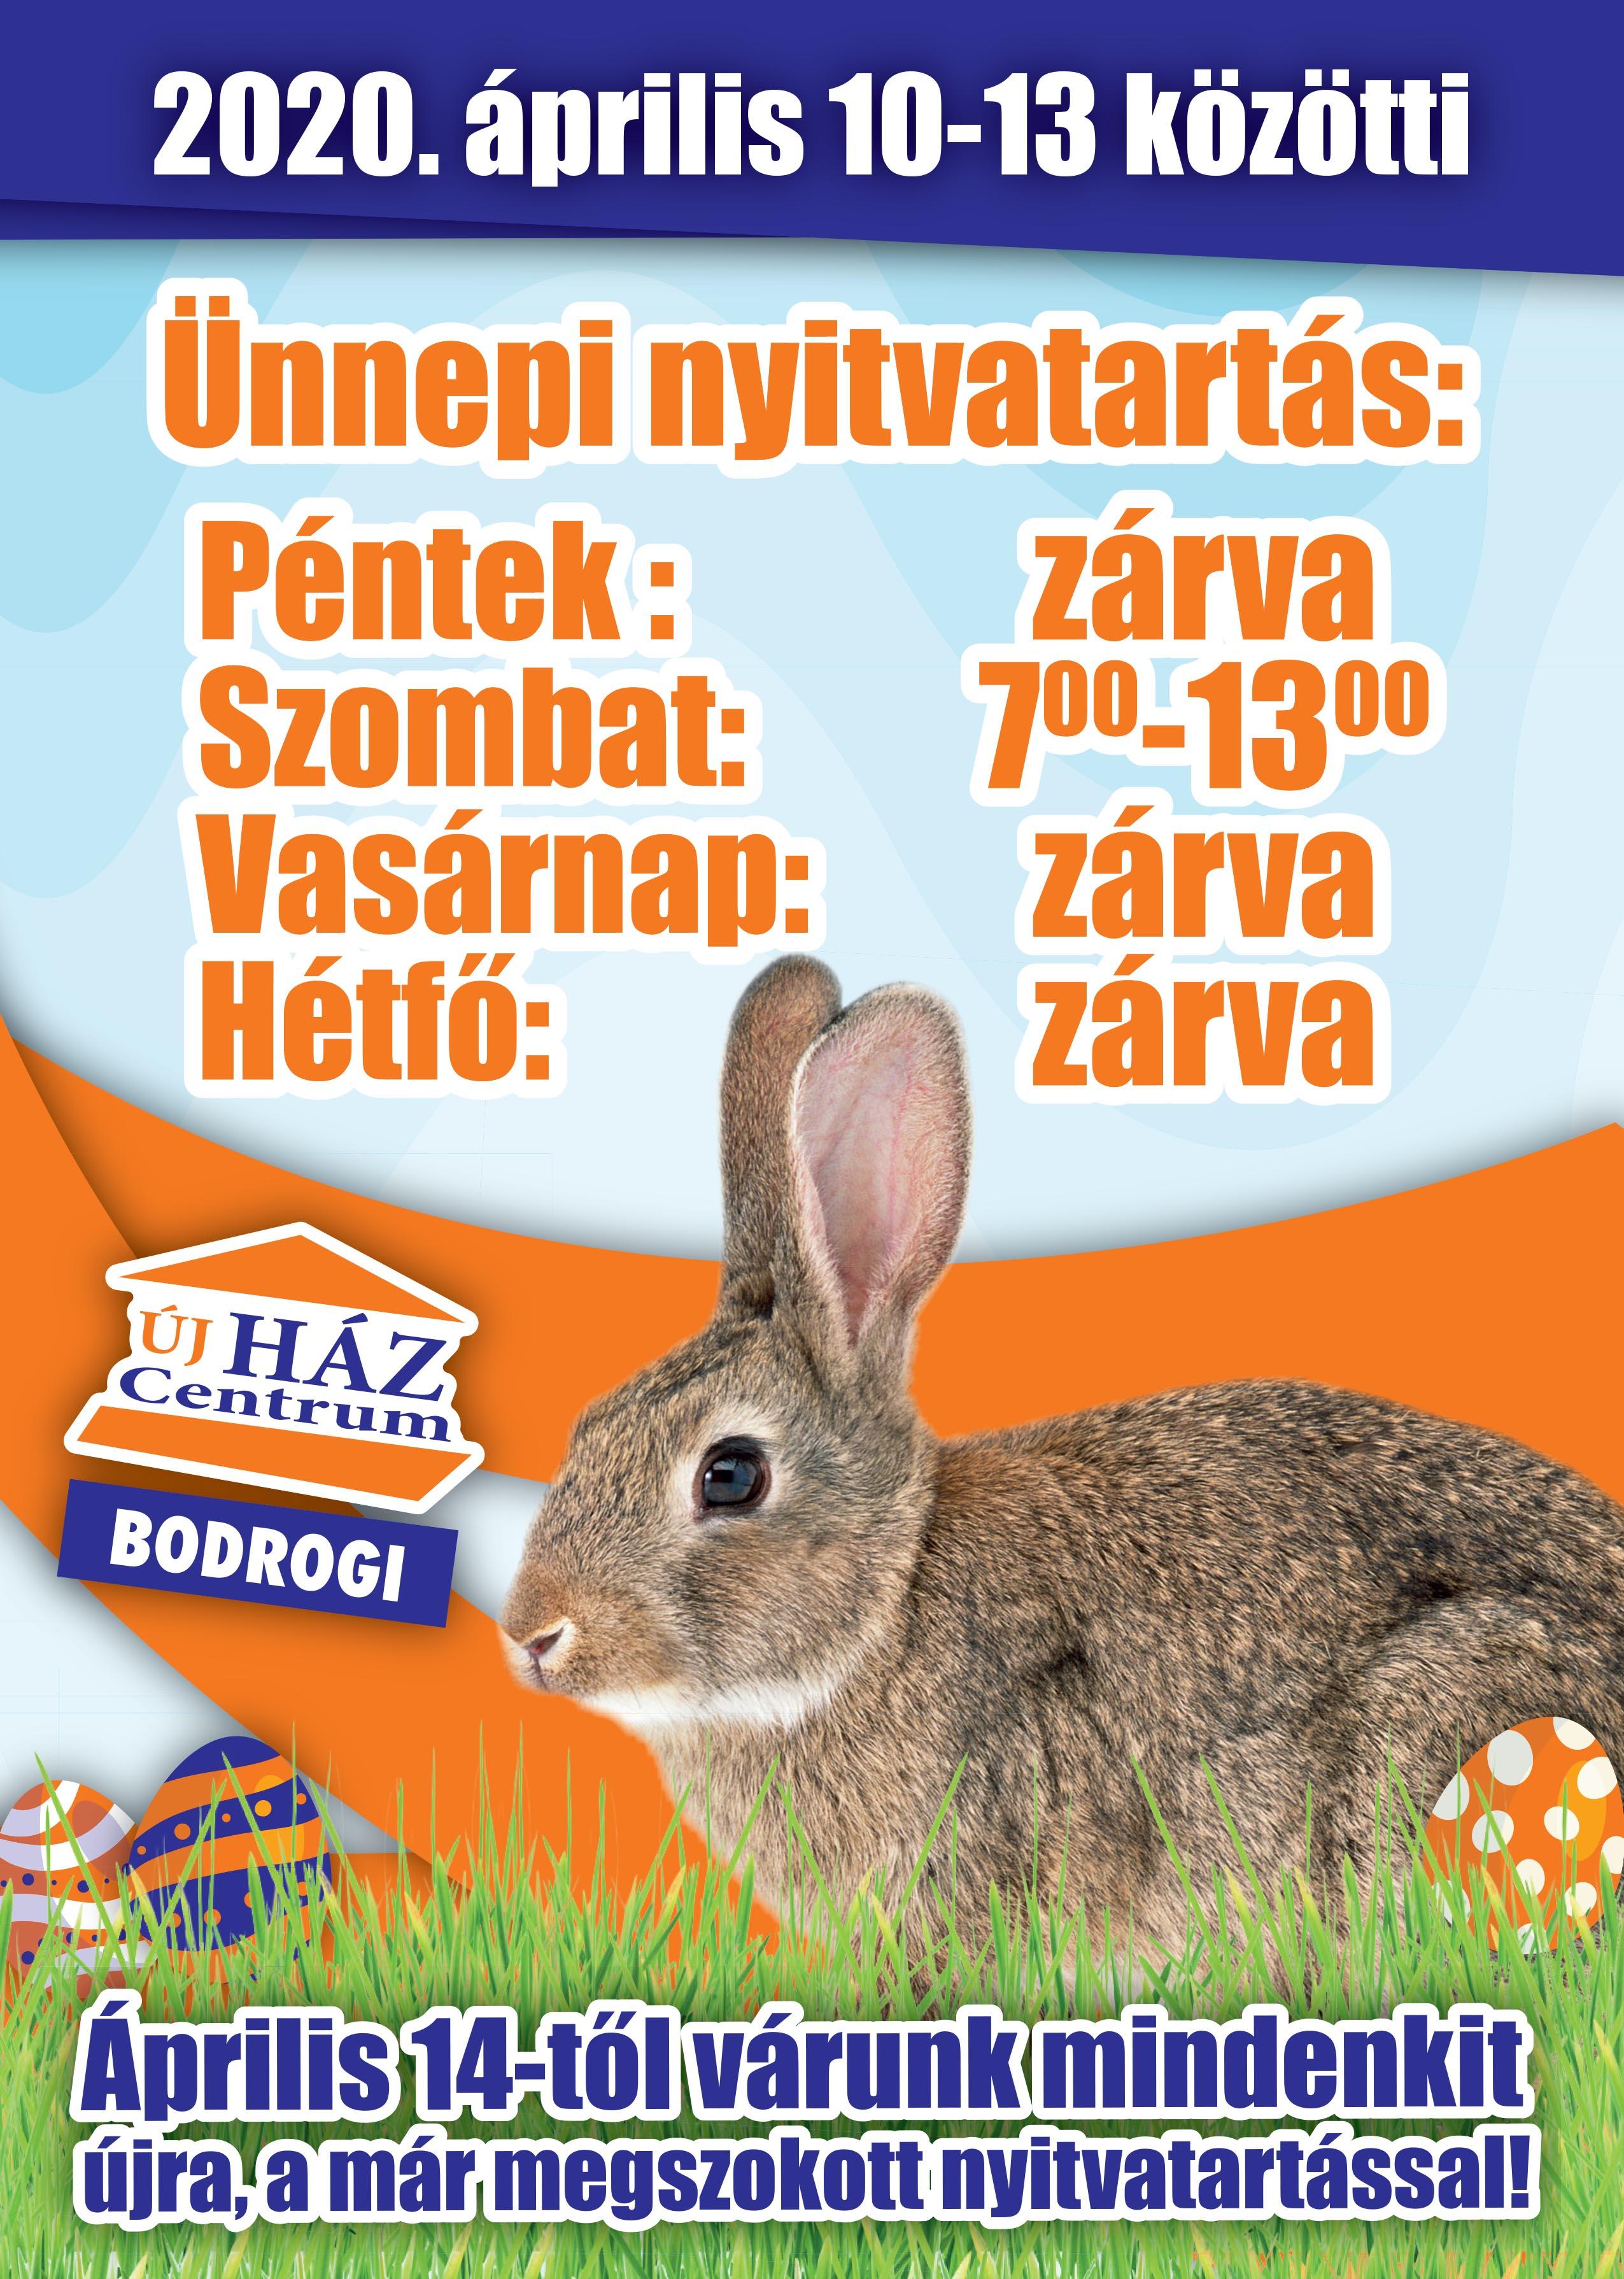 Húsvéti, ünnepi nyitvartás áruházainkban